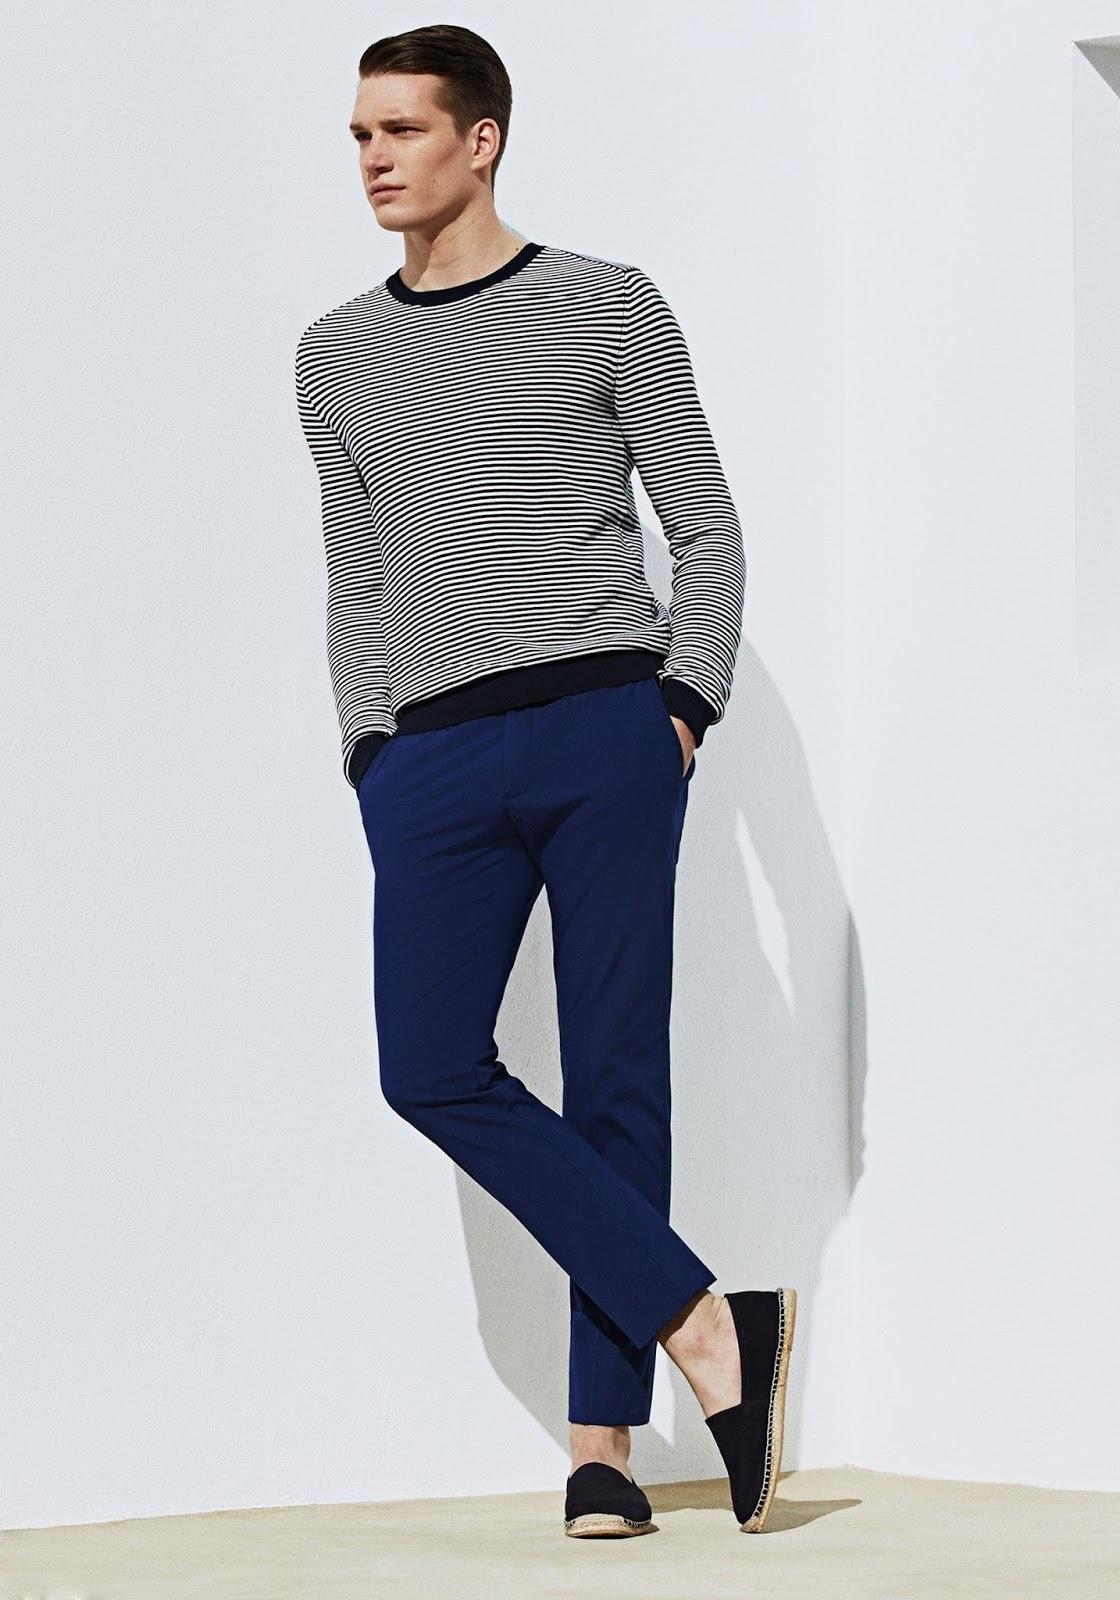 Usa un jersey con cuello circular de rayas horizontales en negro y blanco y un pantalón